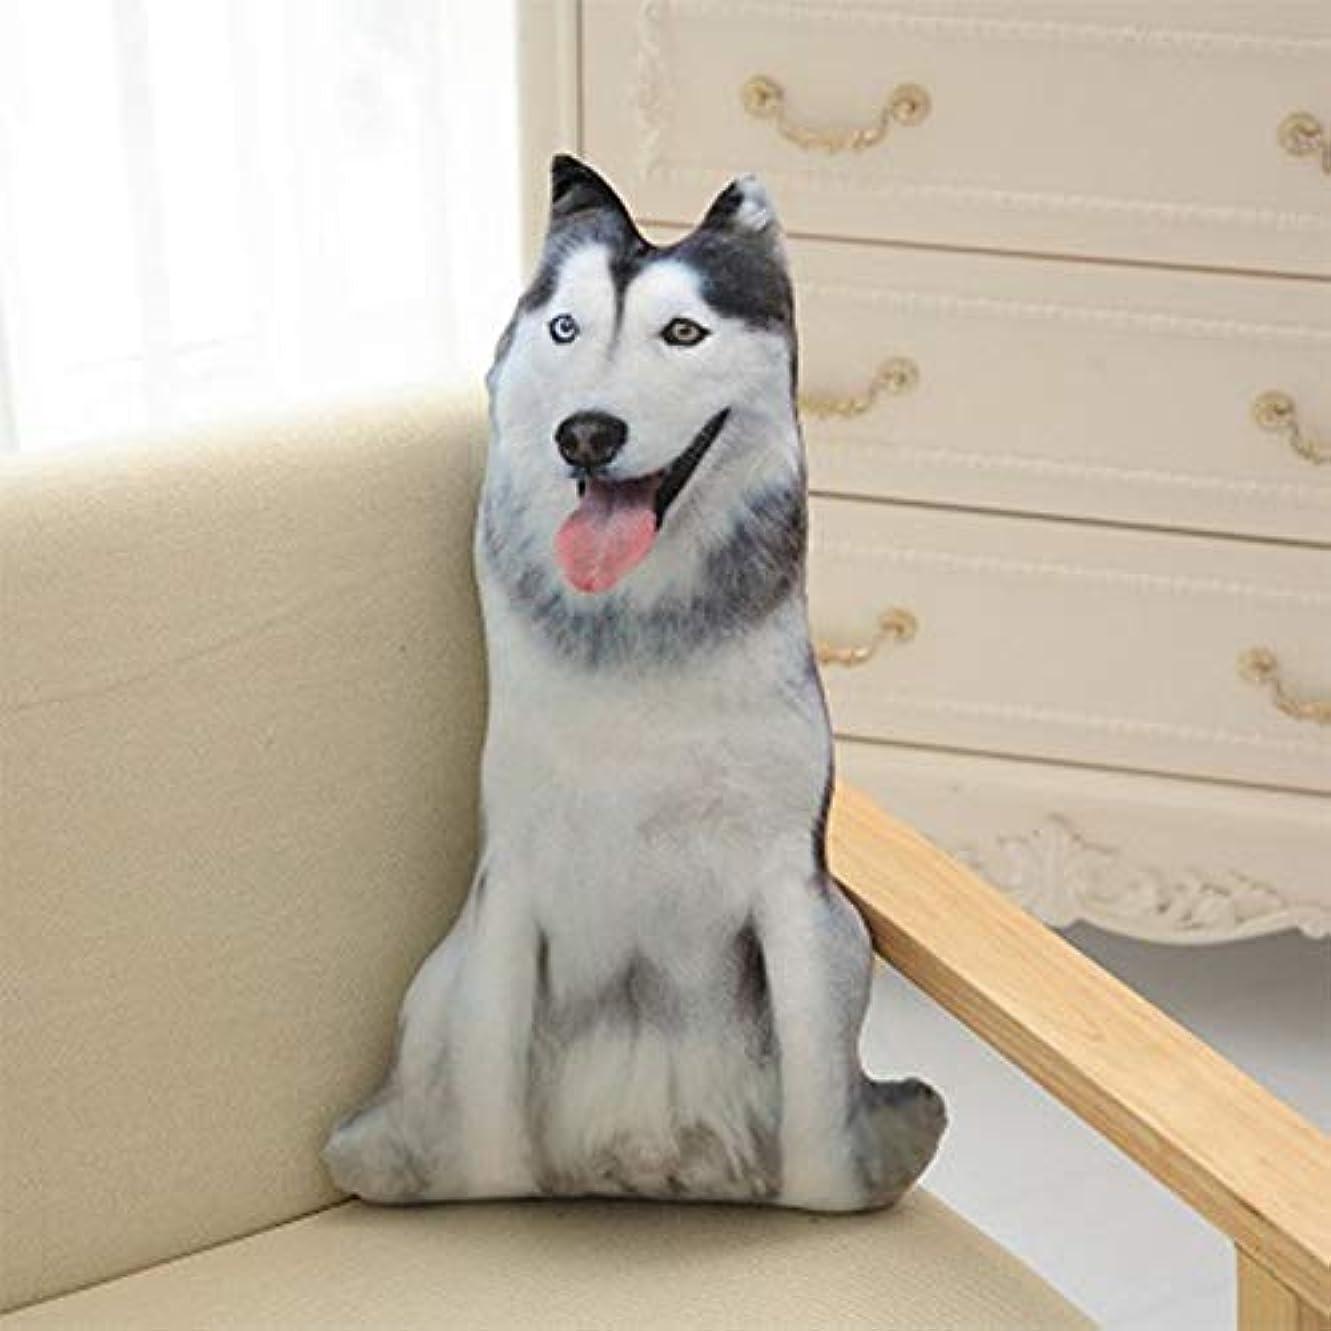 オール内部バッテリーLIFE 3D プリントシミュレーション犬ぬいぐるみクッションぬいぐるみ犬ぬいぐるみ枕ぬいぐるみの漫画クッションキッズ人形ベストギフト クッション 椅子